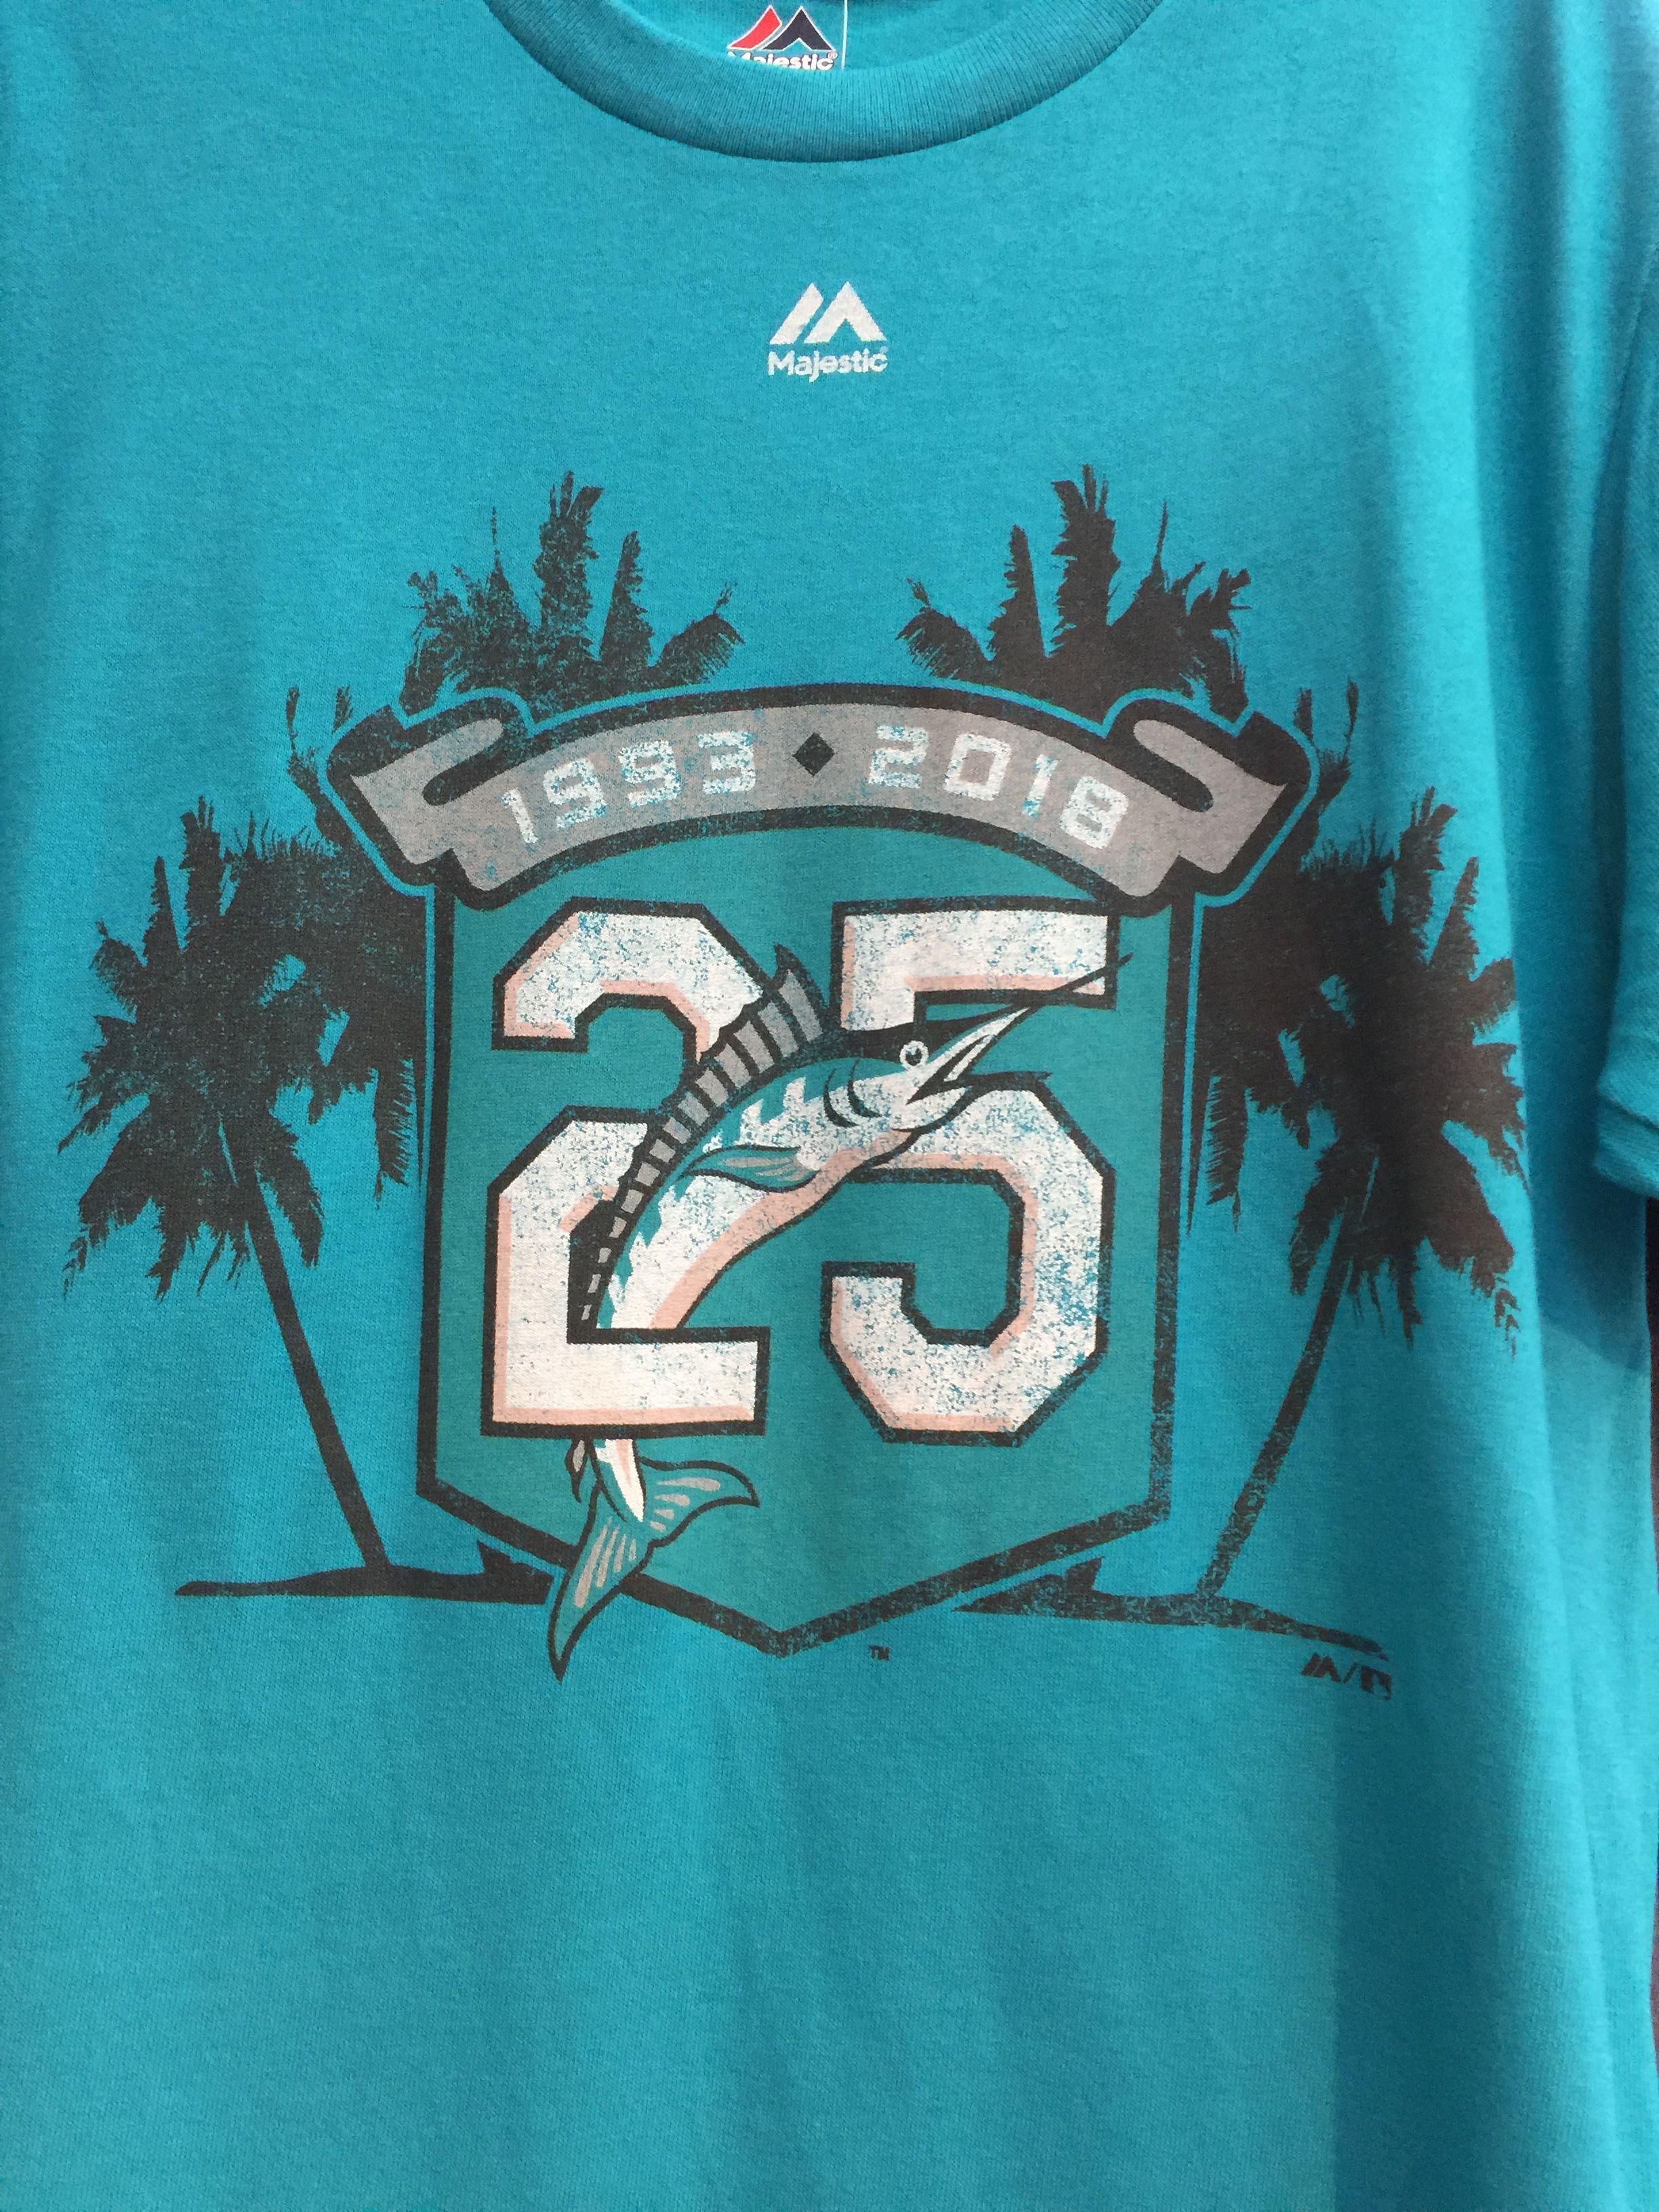 23ace2996a04fb Marlins 25th Miami Marlins